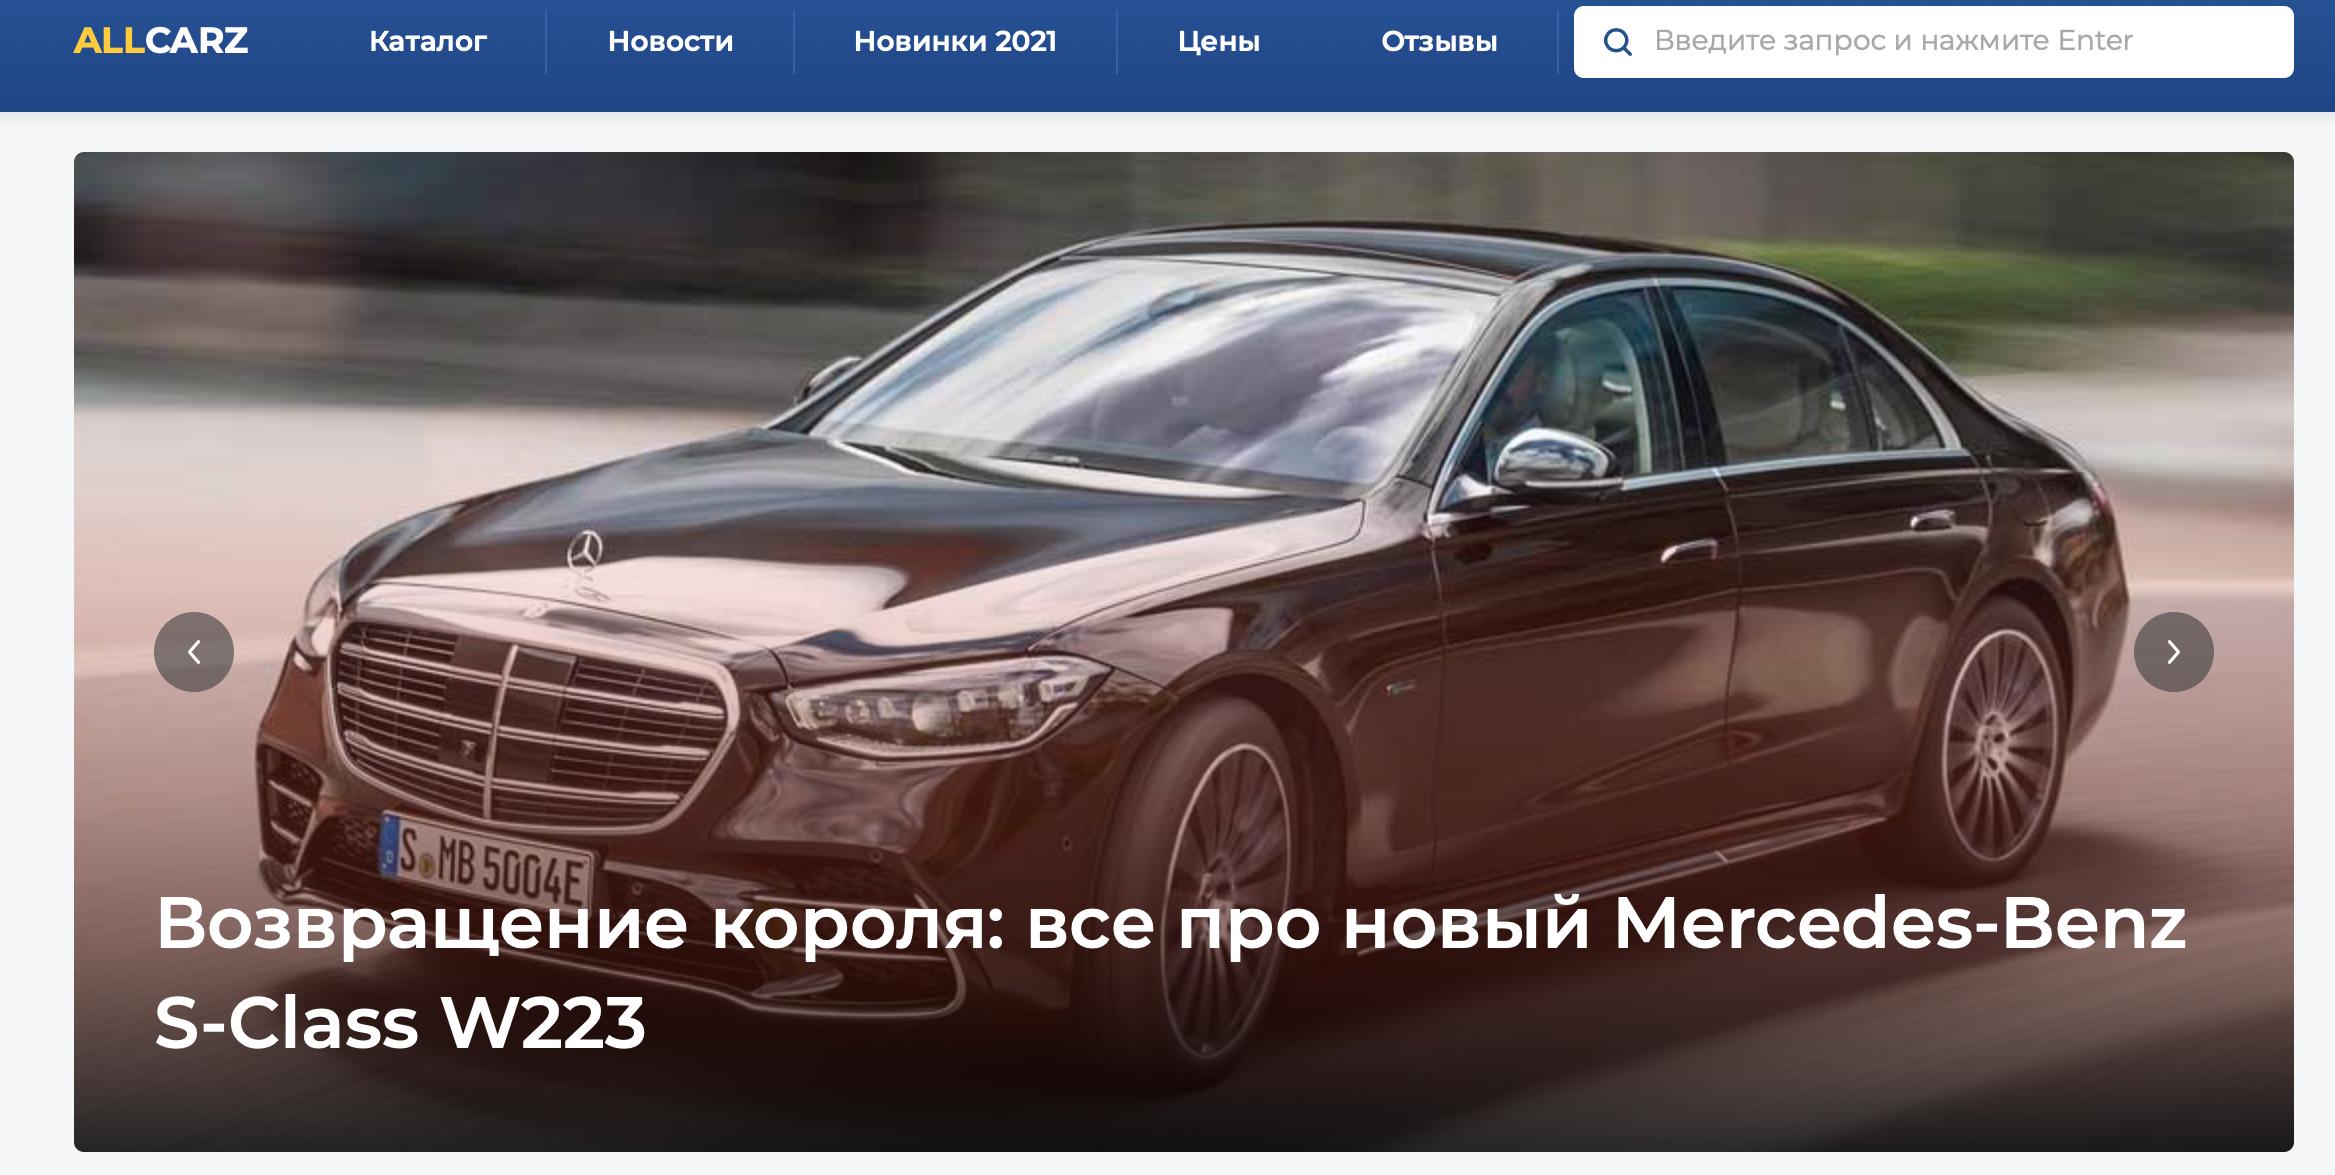 Новинки российского автомобильного рынка 2021